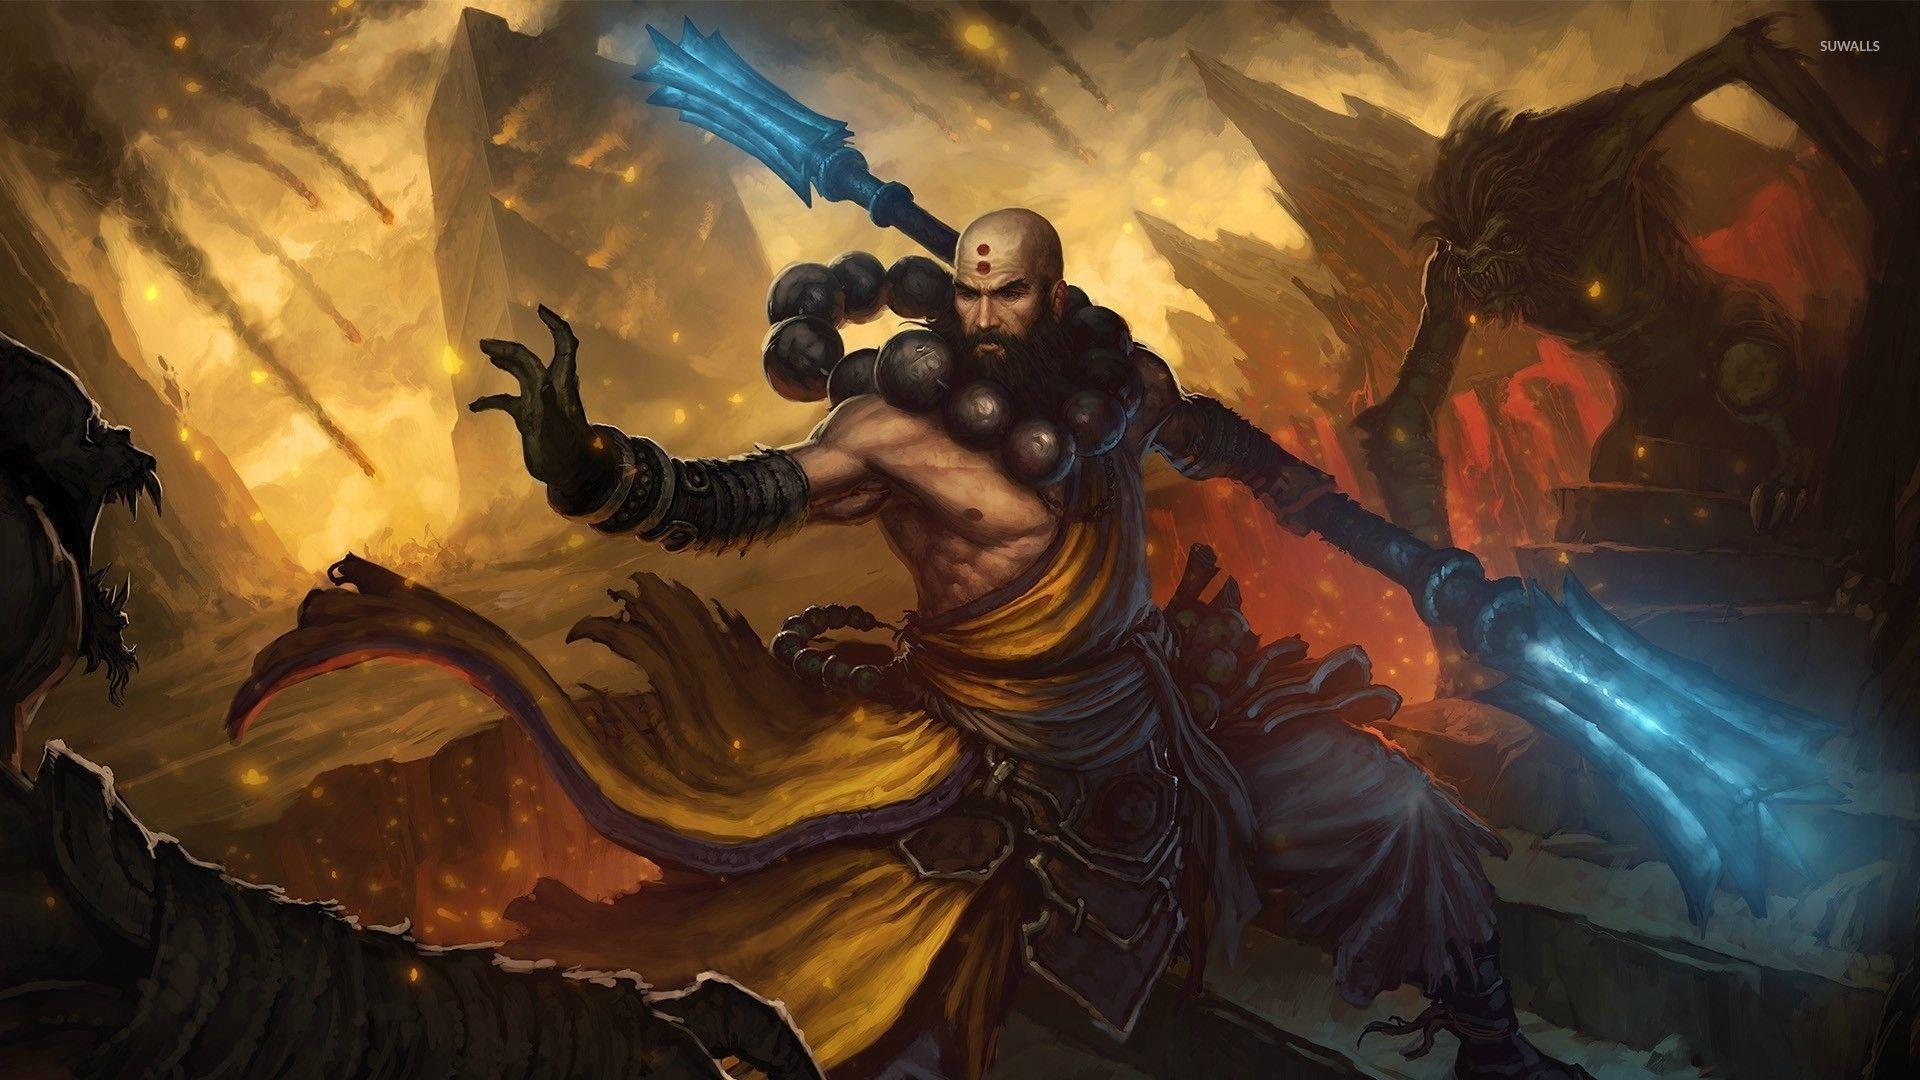 Monk From Diablo Iii Wallpaper Game Wallpapers 51906